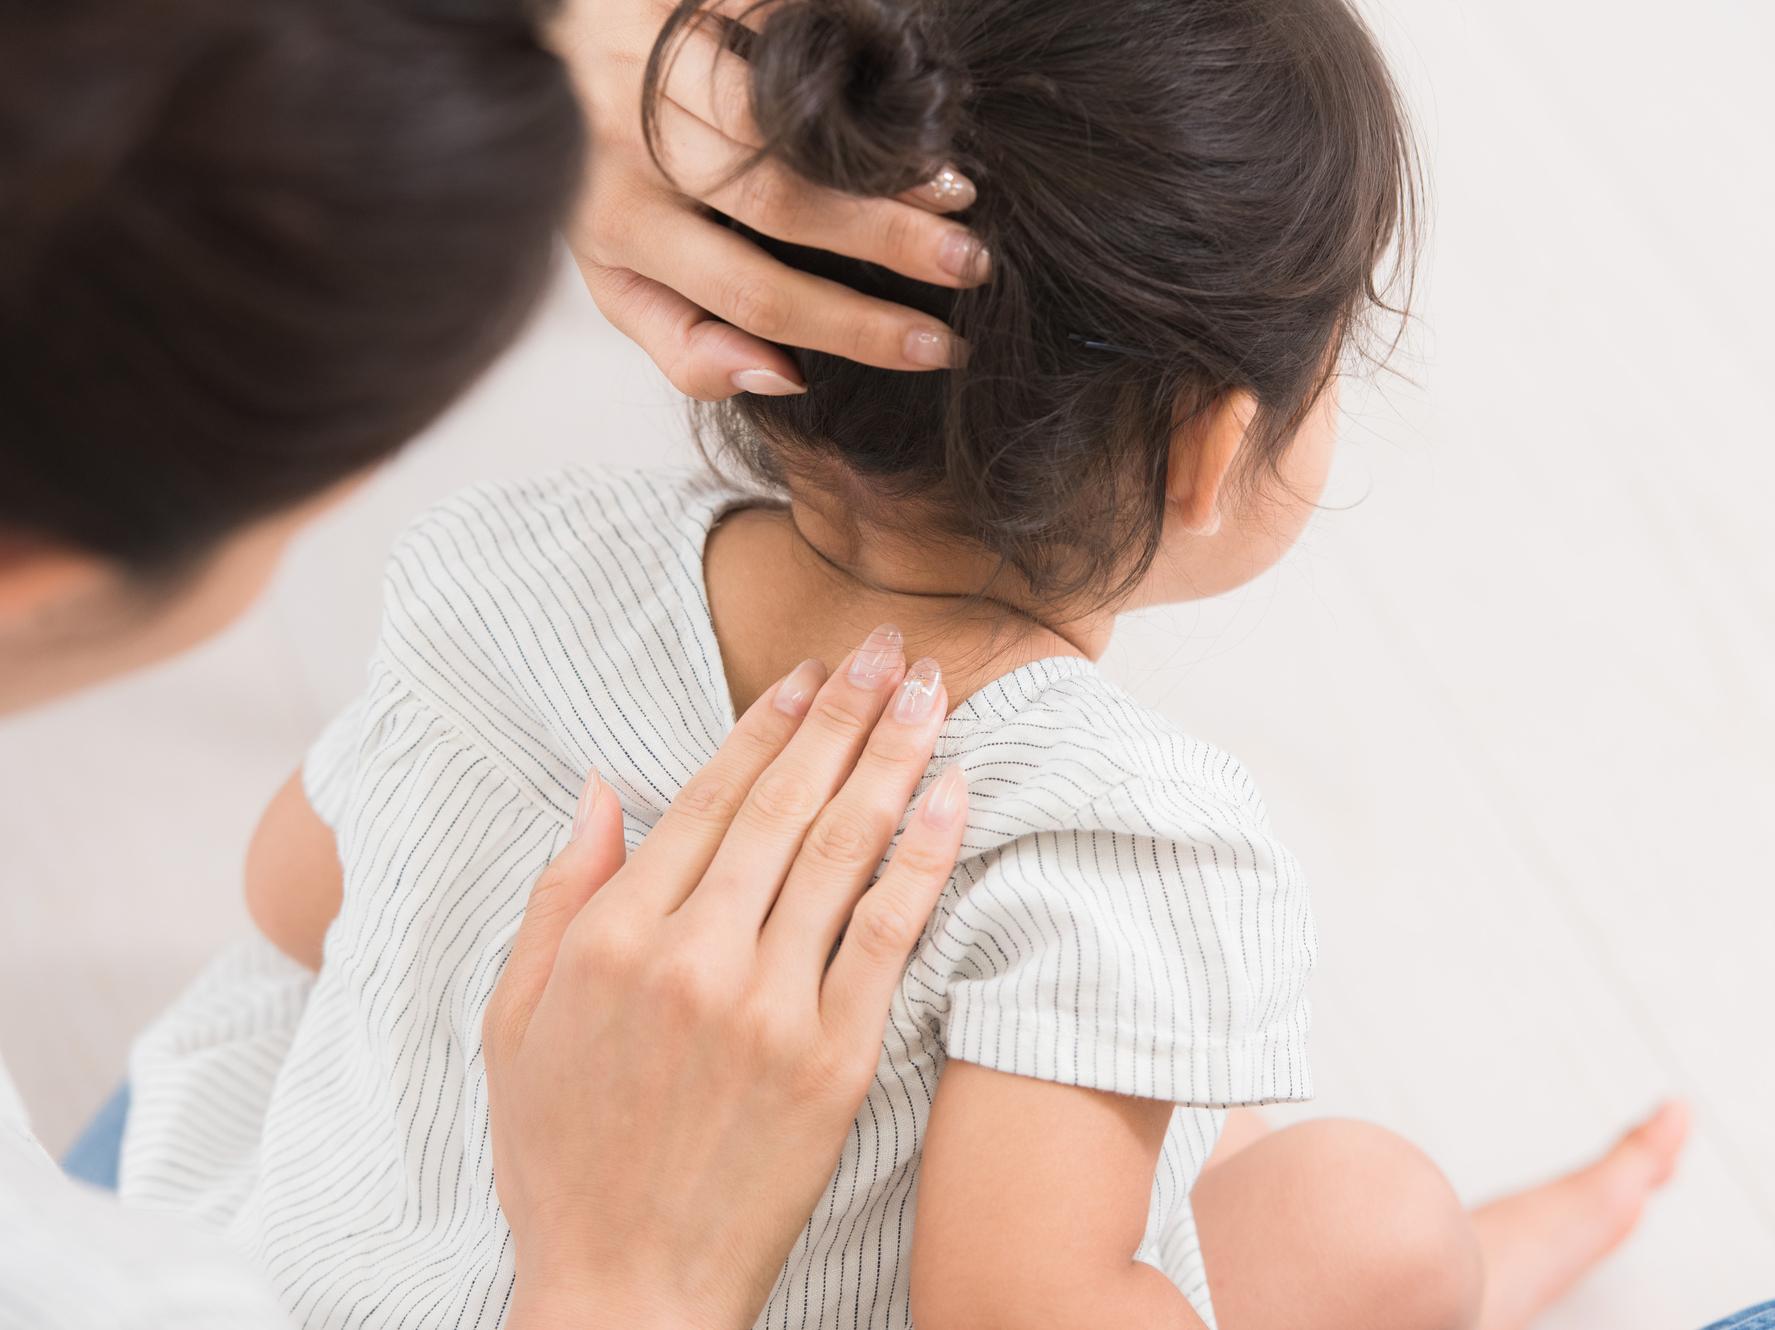 子どもの季節の変わり目湿疹